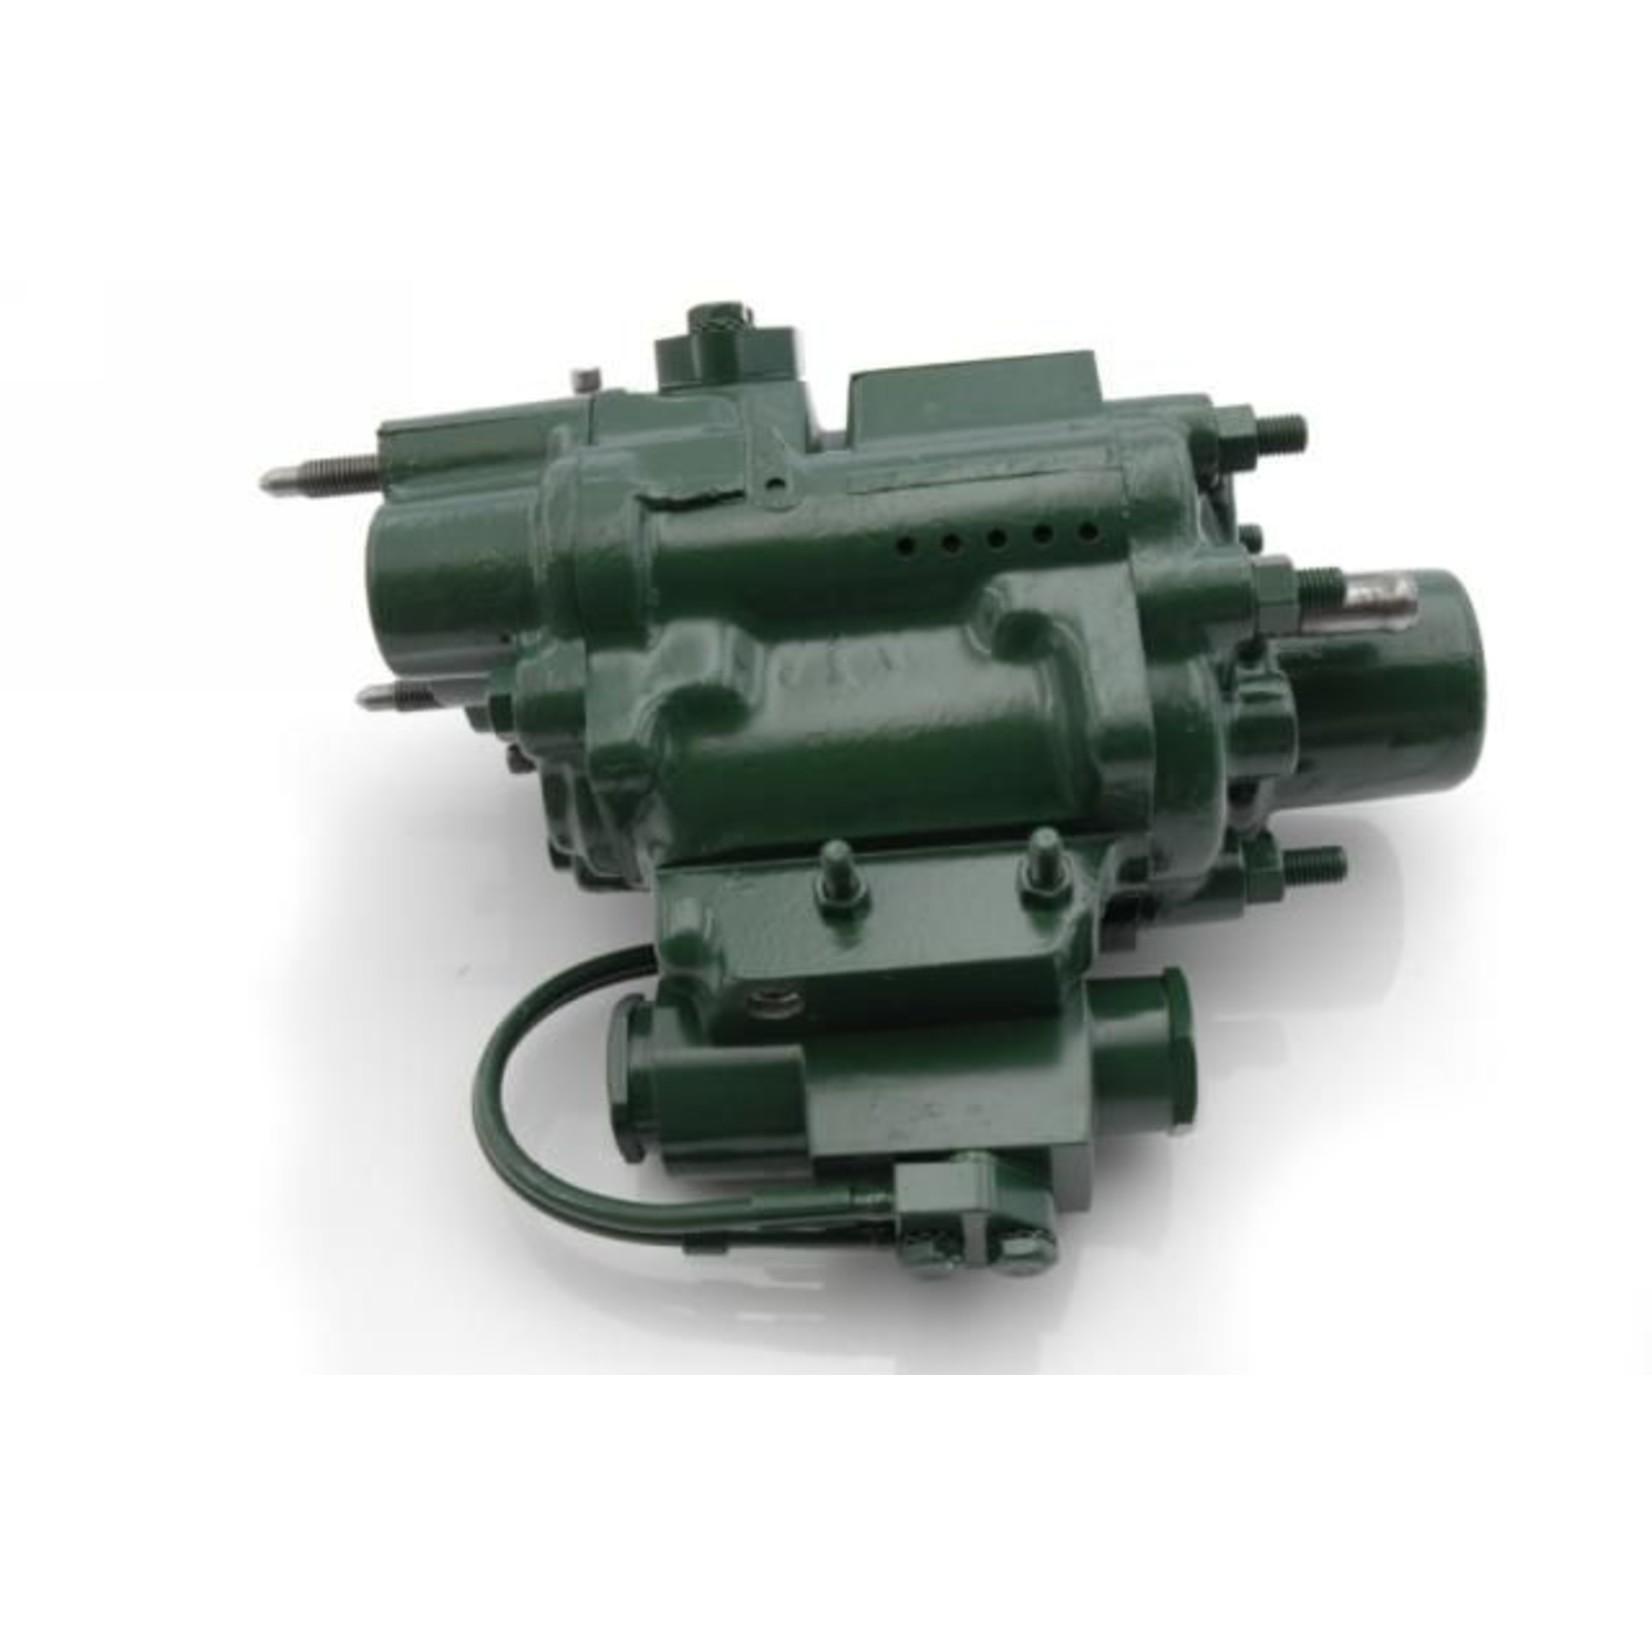 Bloque hidraulico reaconditionado LHM Nr Org: DXN33410A